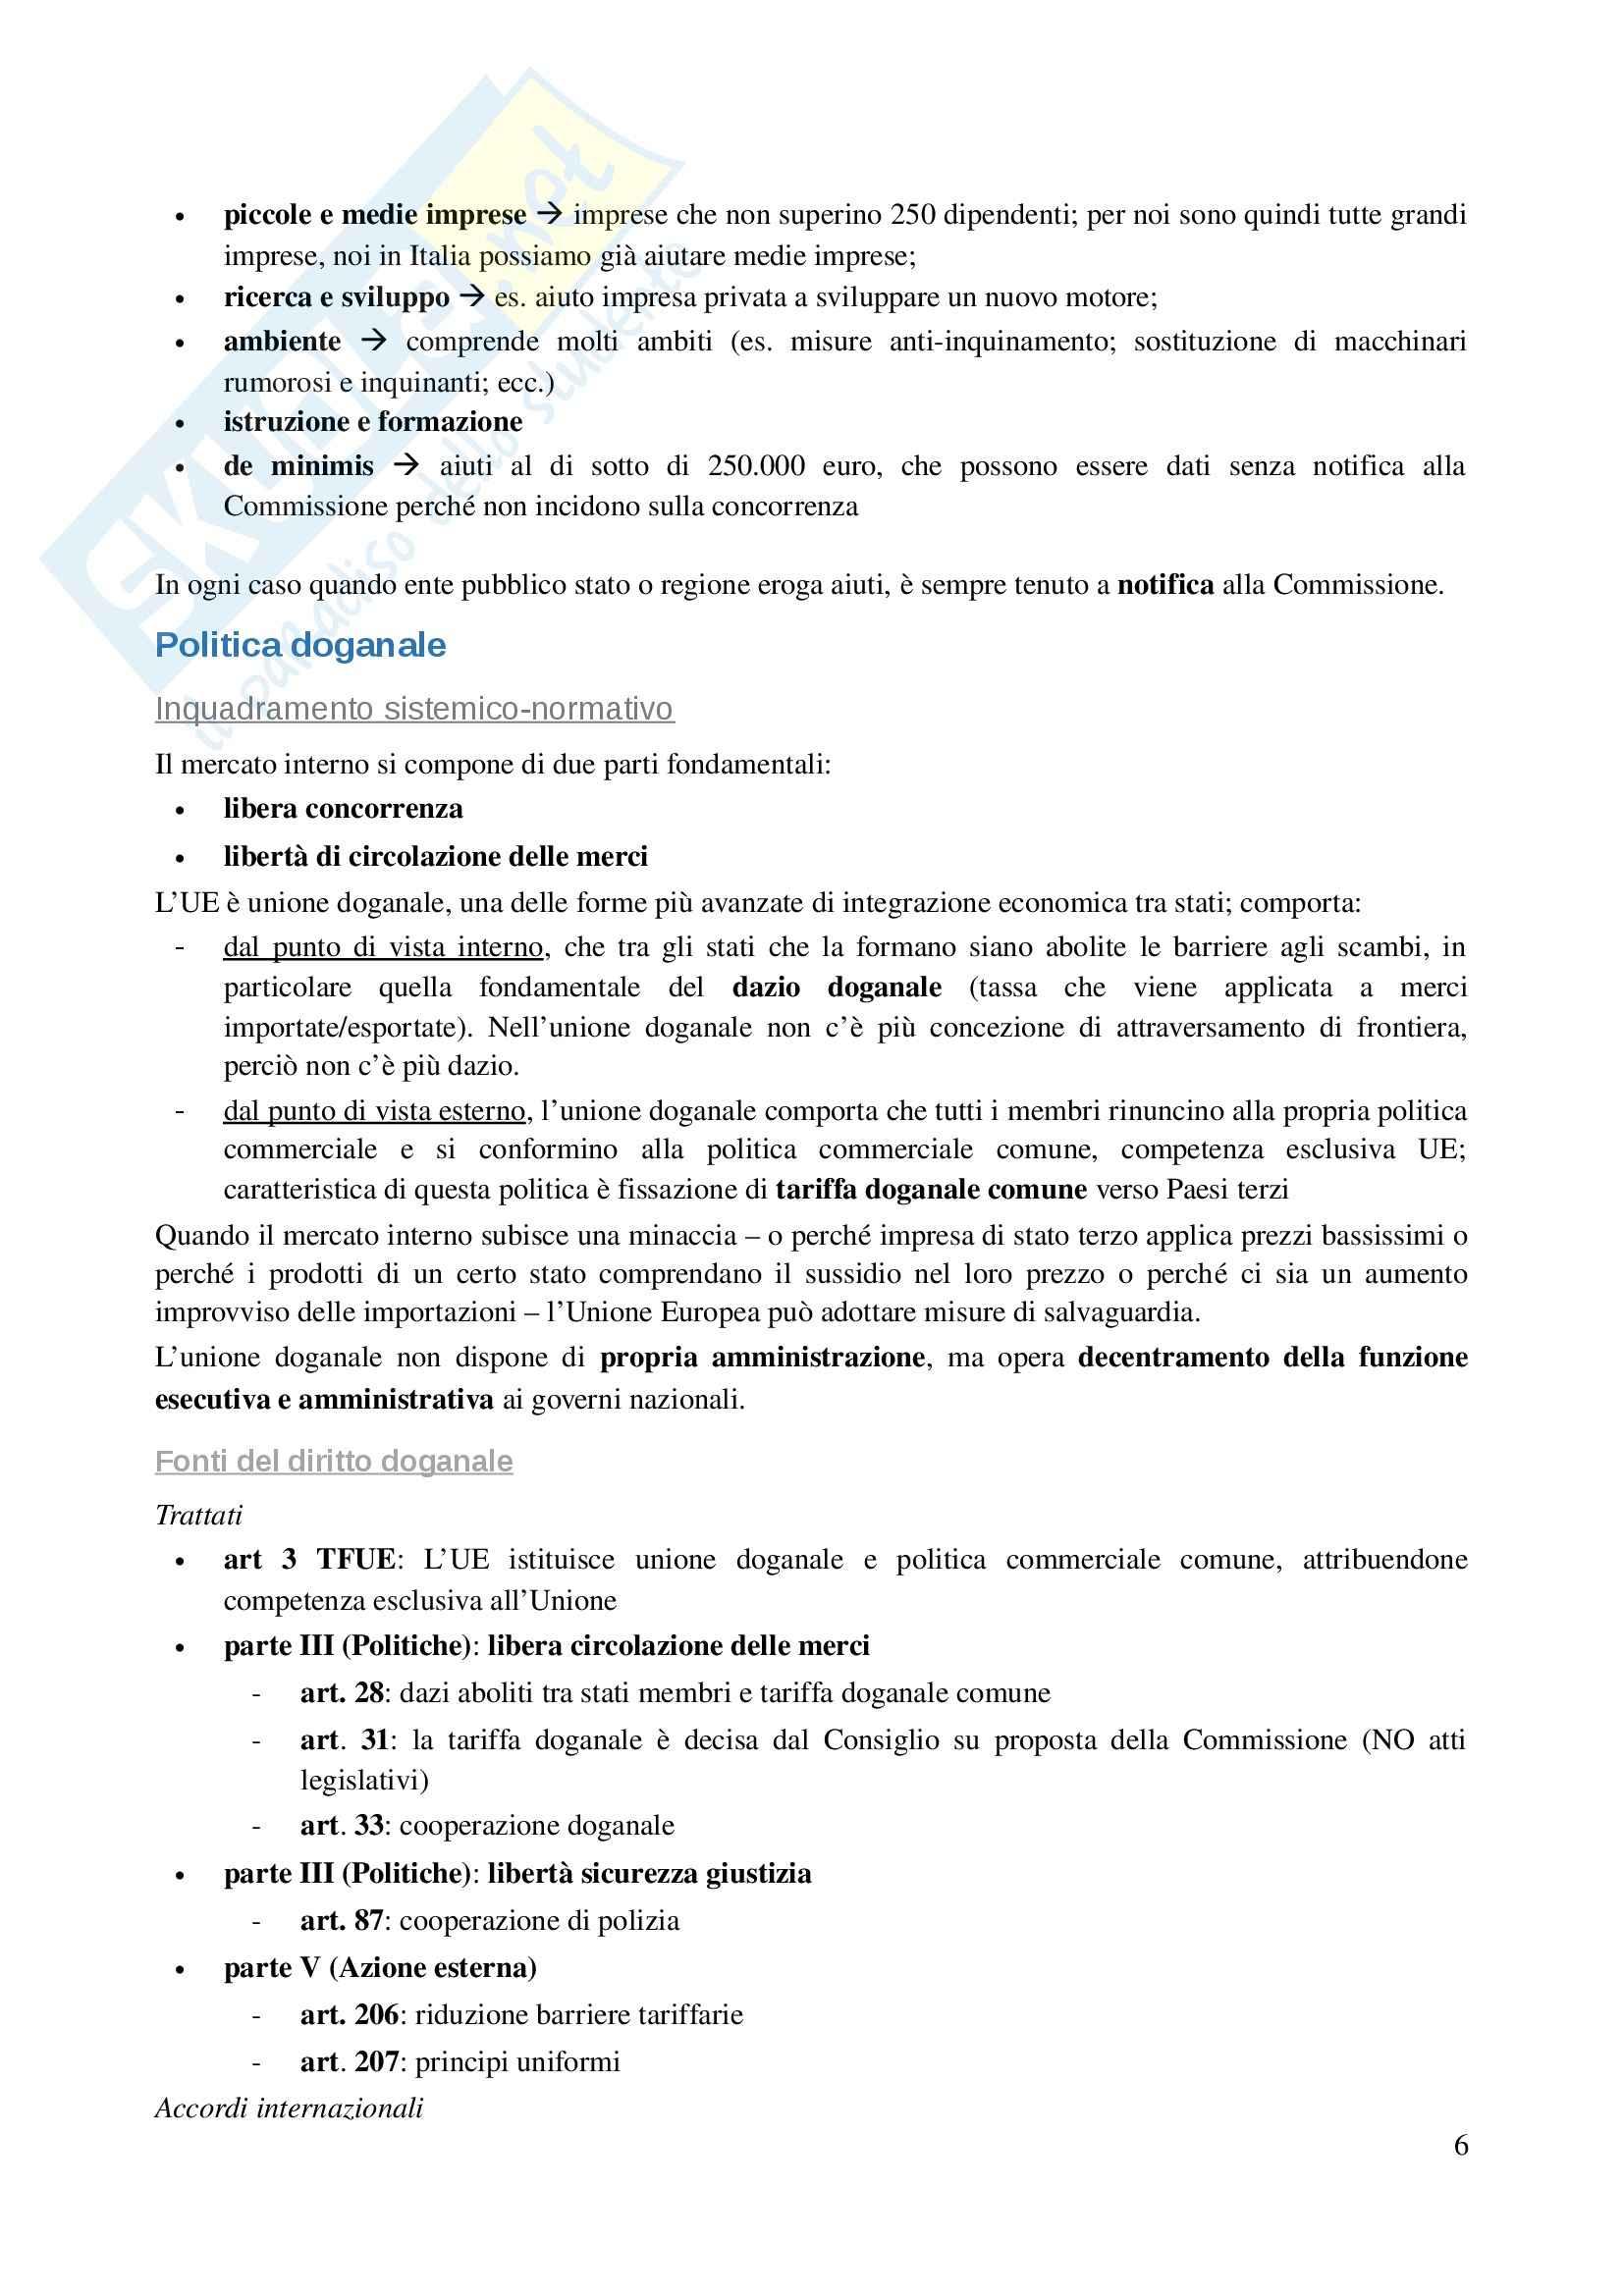 Parte 2, Diritto dell'Unione Europea Pag. 6